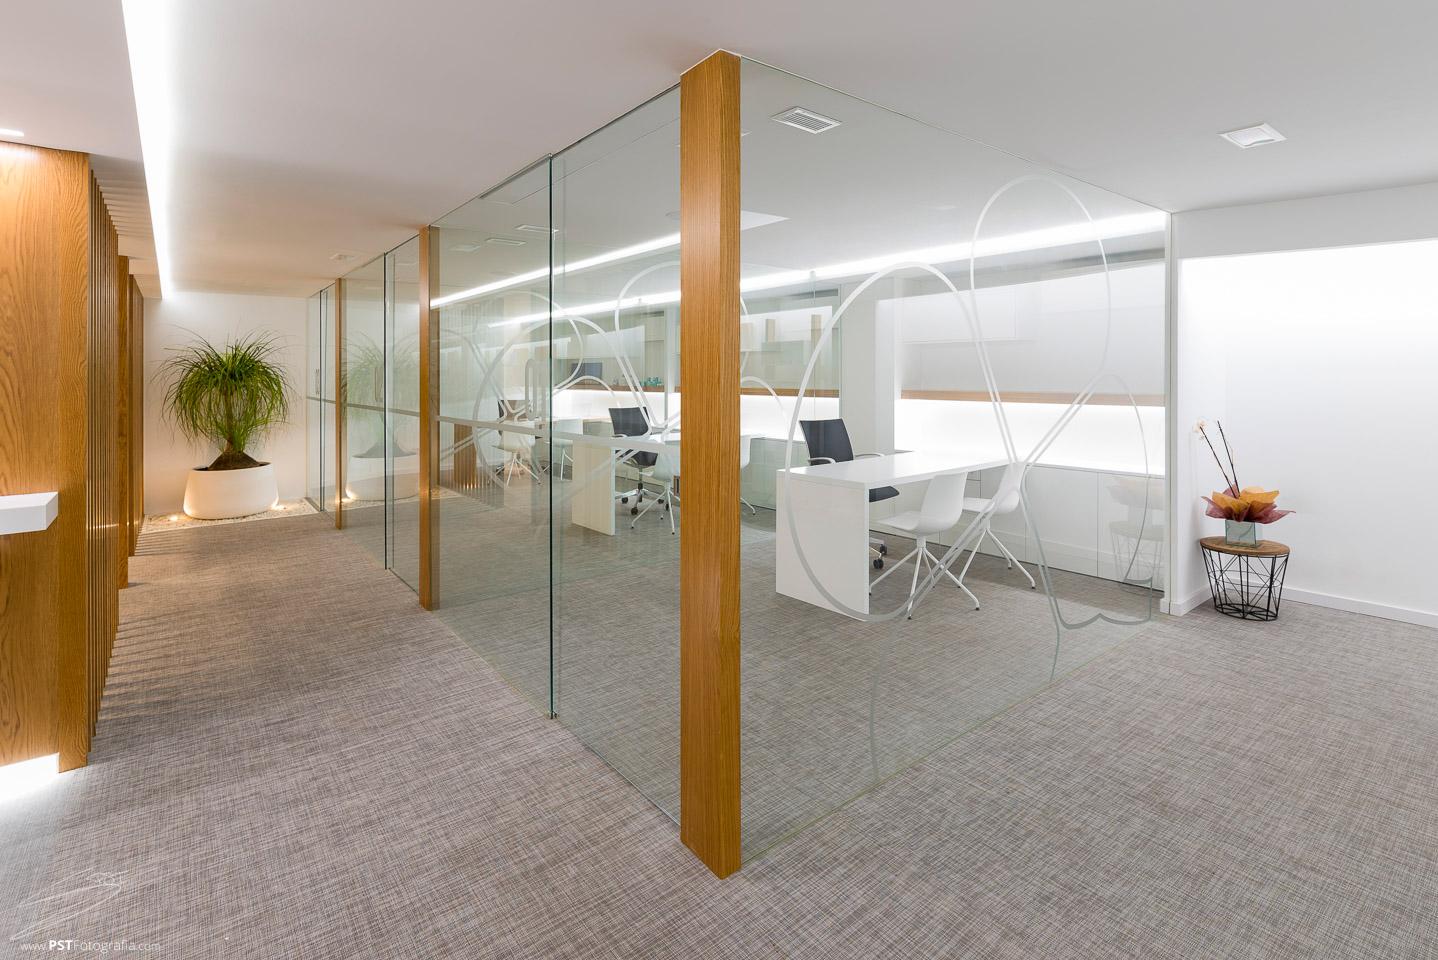 Oficinas acristaladas y luces led para aprovechar al máximo la luz que se crea